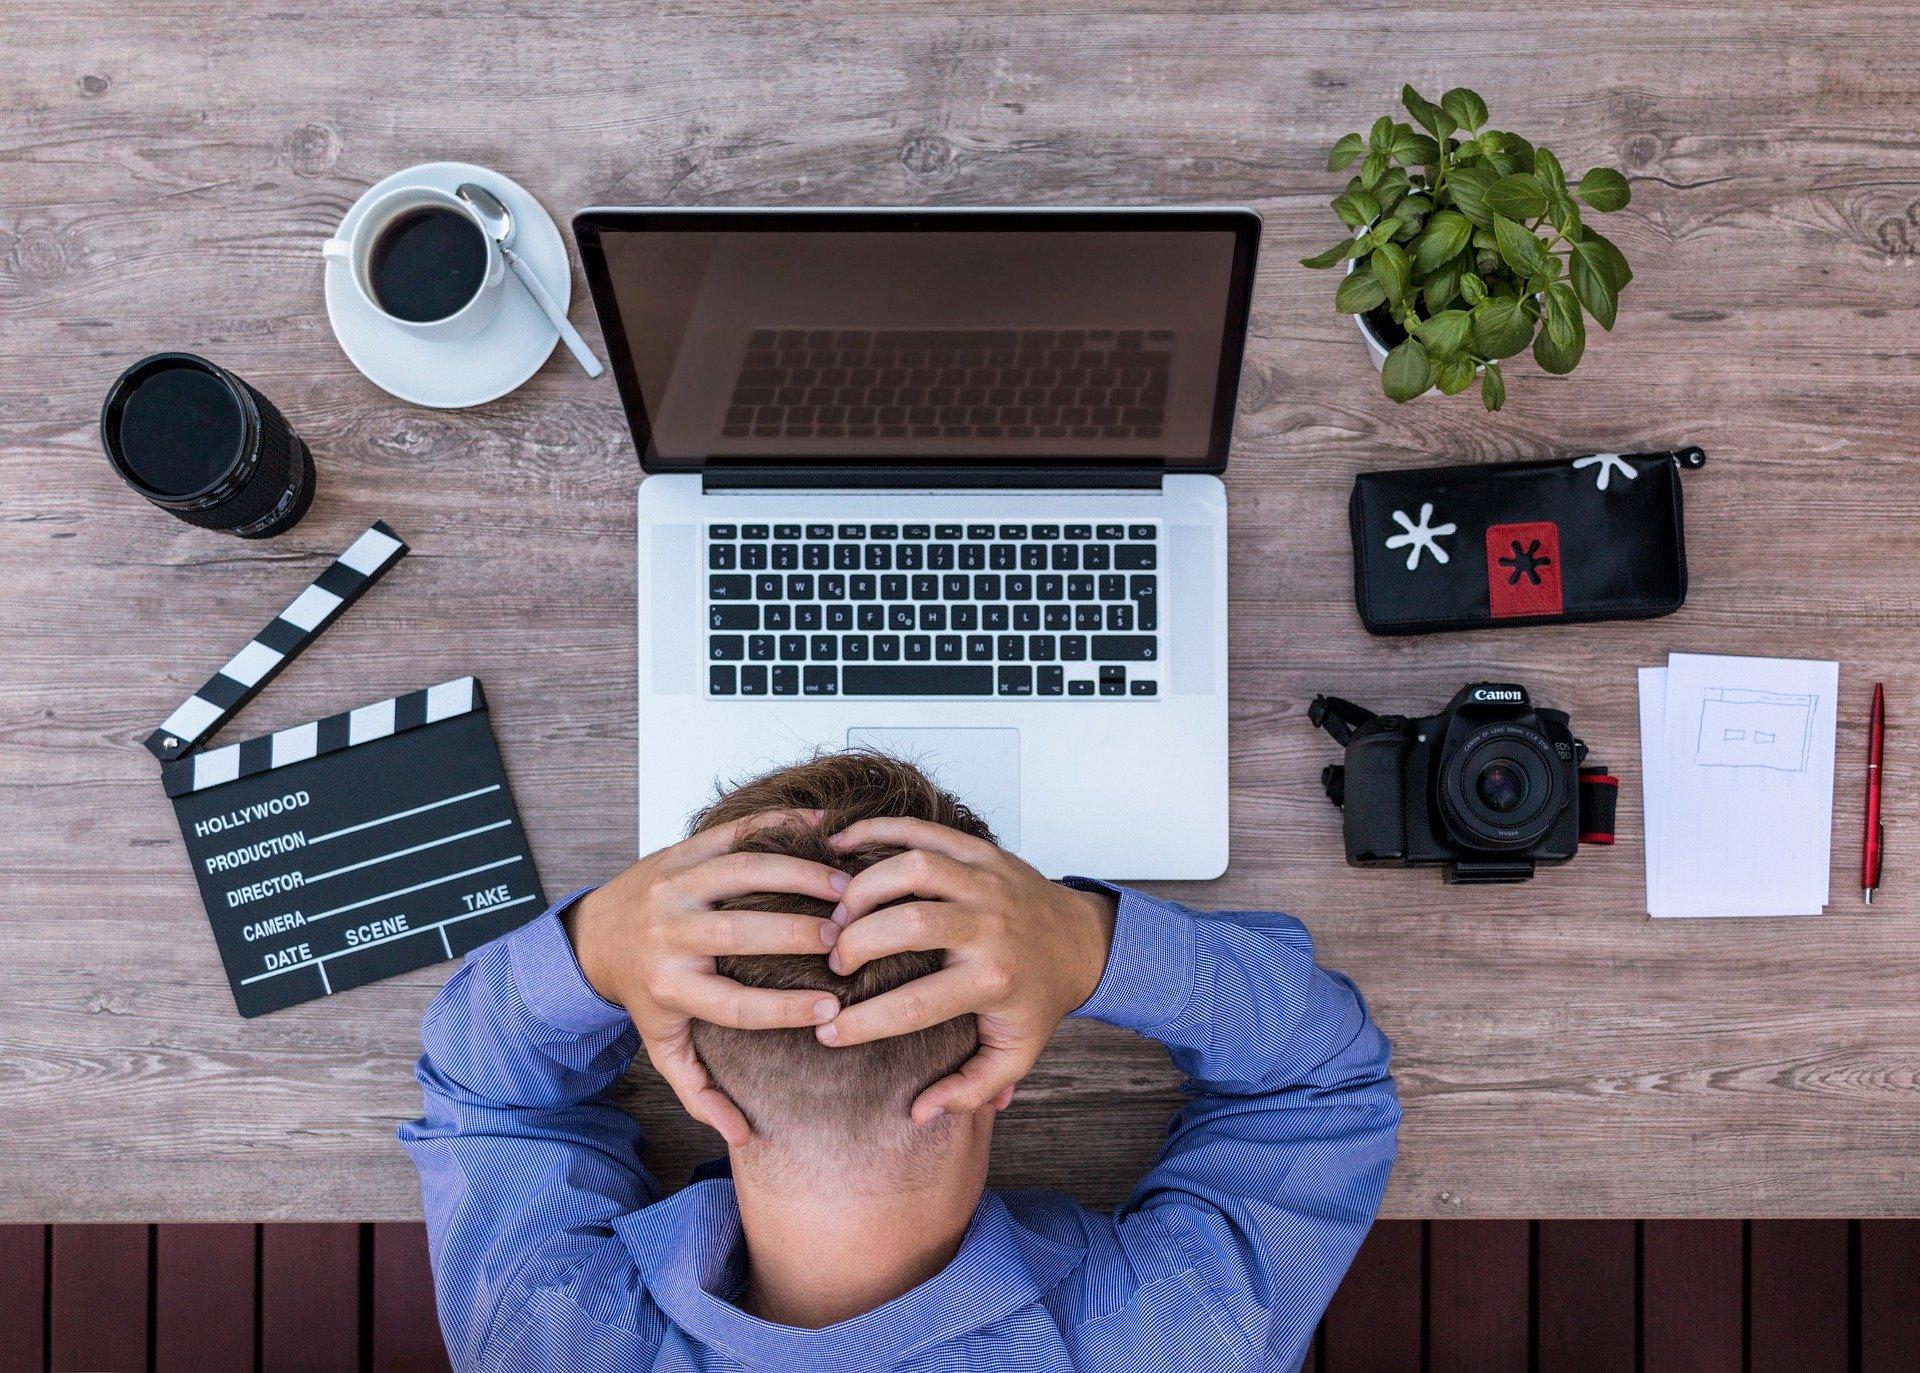 Baja tolerancia a la frustración  ¿Qué podemos hacer para superarla?